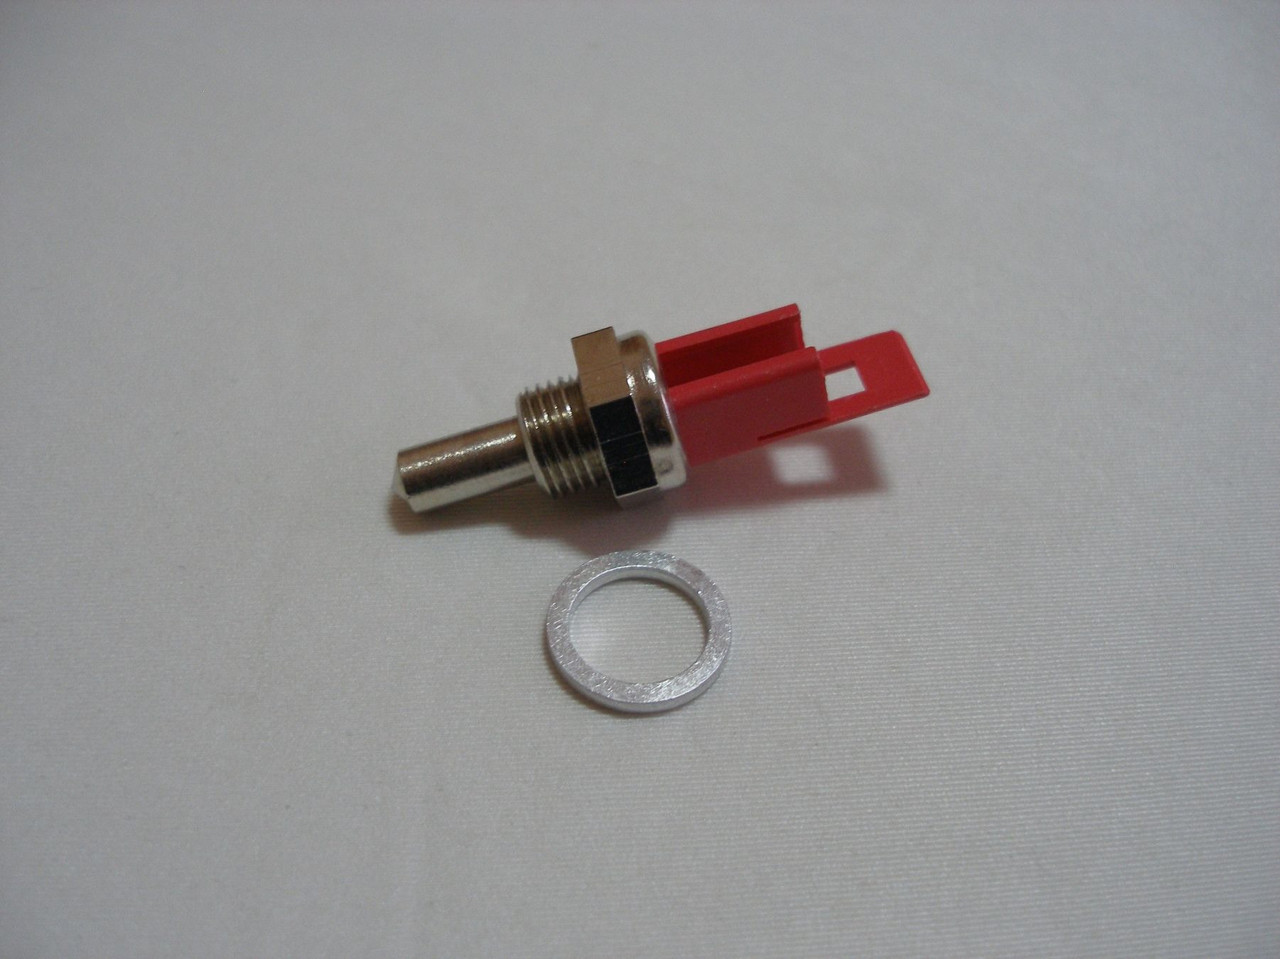 Датчик NTC Beretta Ciao/Smart - R10023352,20004832 (Аналог)